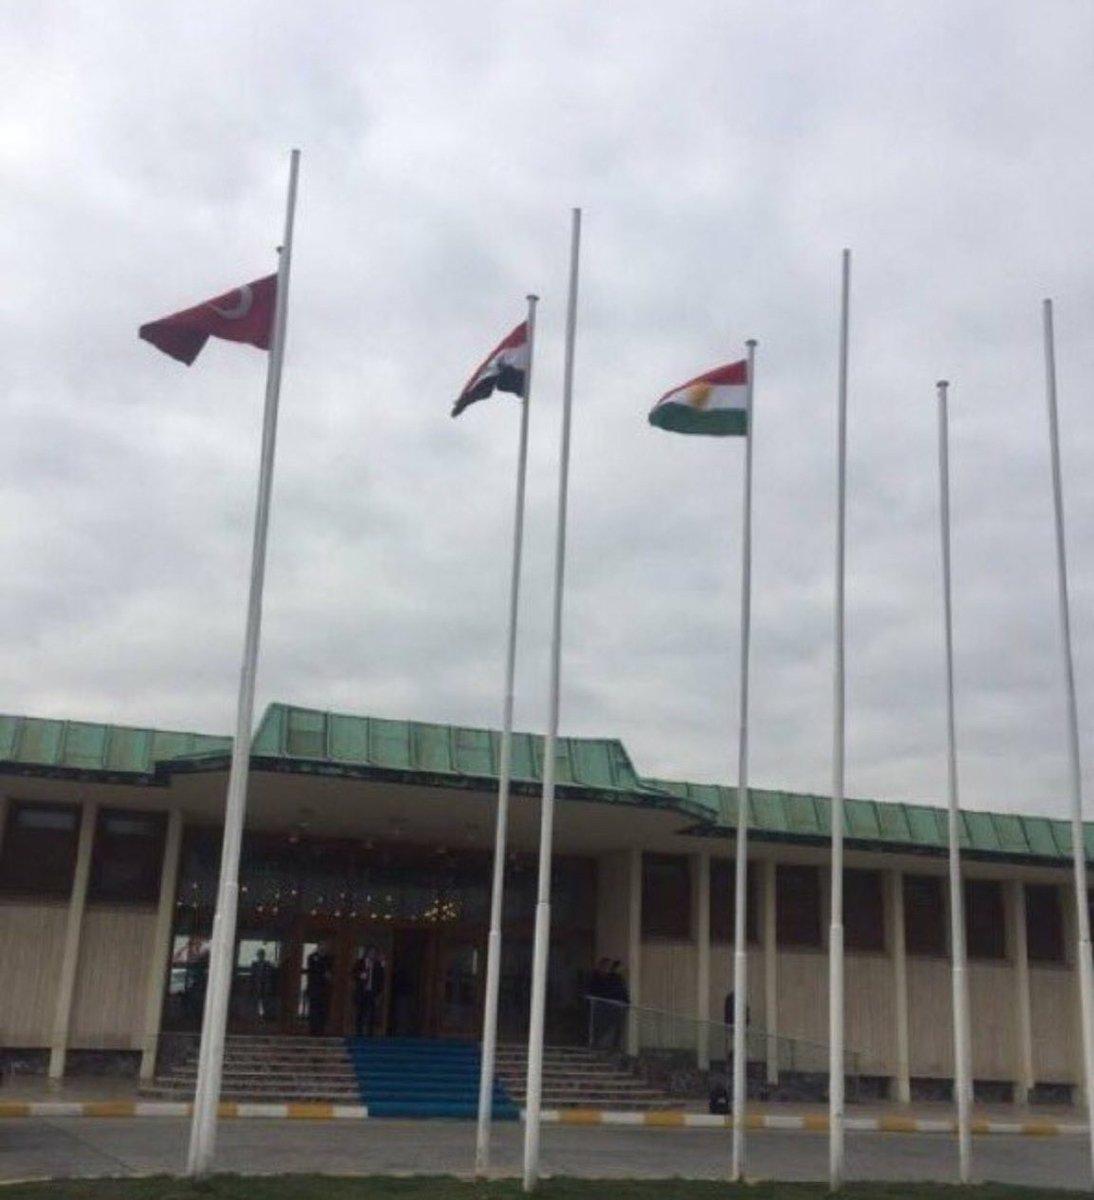 İstanbul'a gelen Barzani için Atatürk Havalimanı'nda göndere Kürdistan bayrağı çekildi